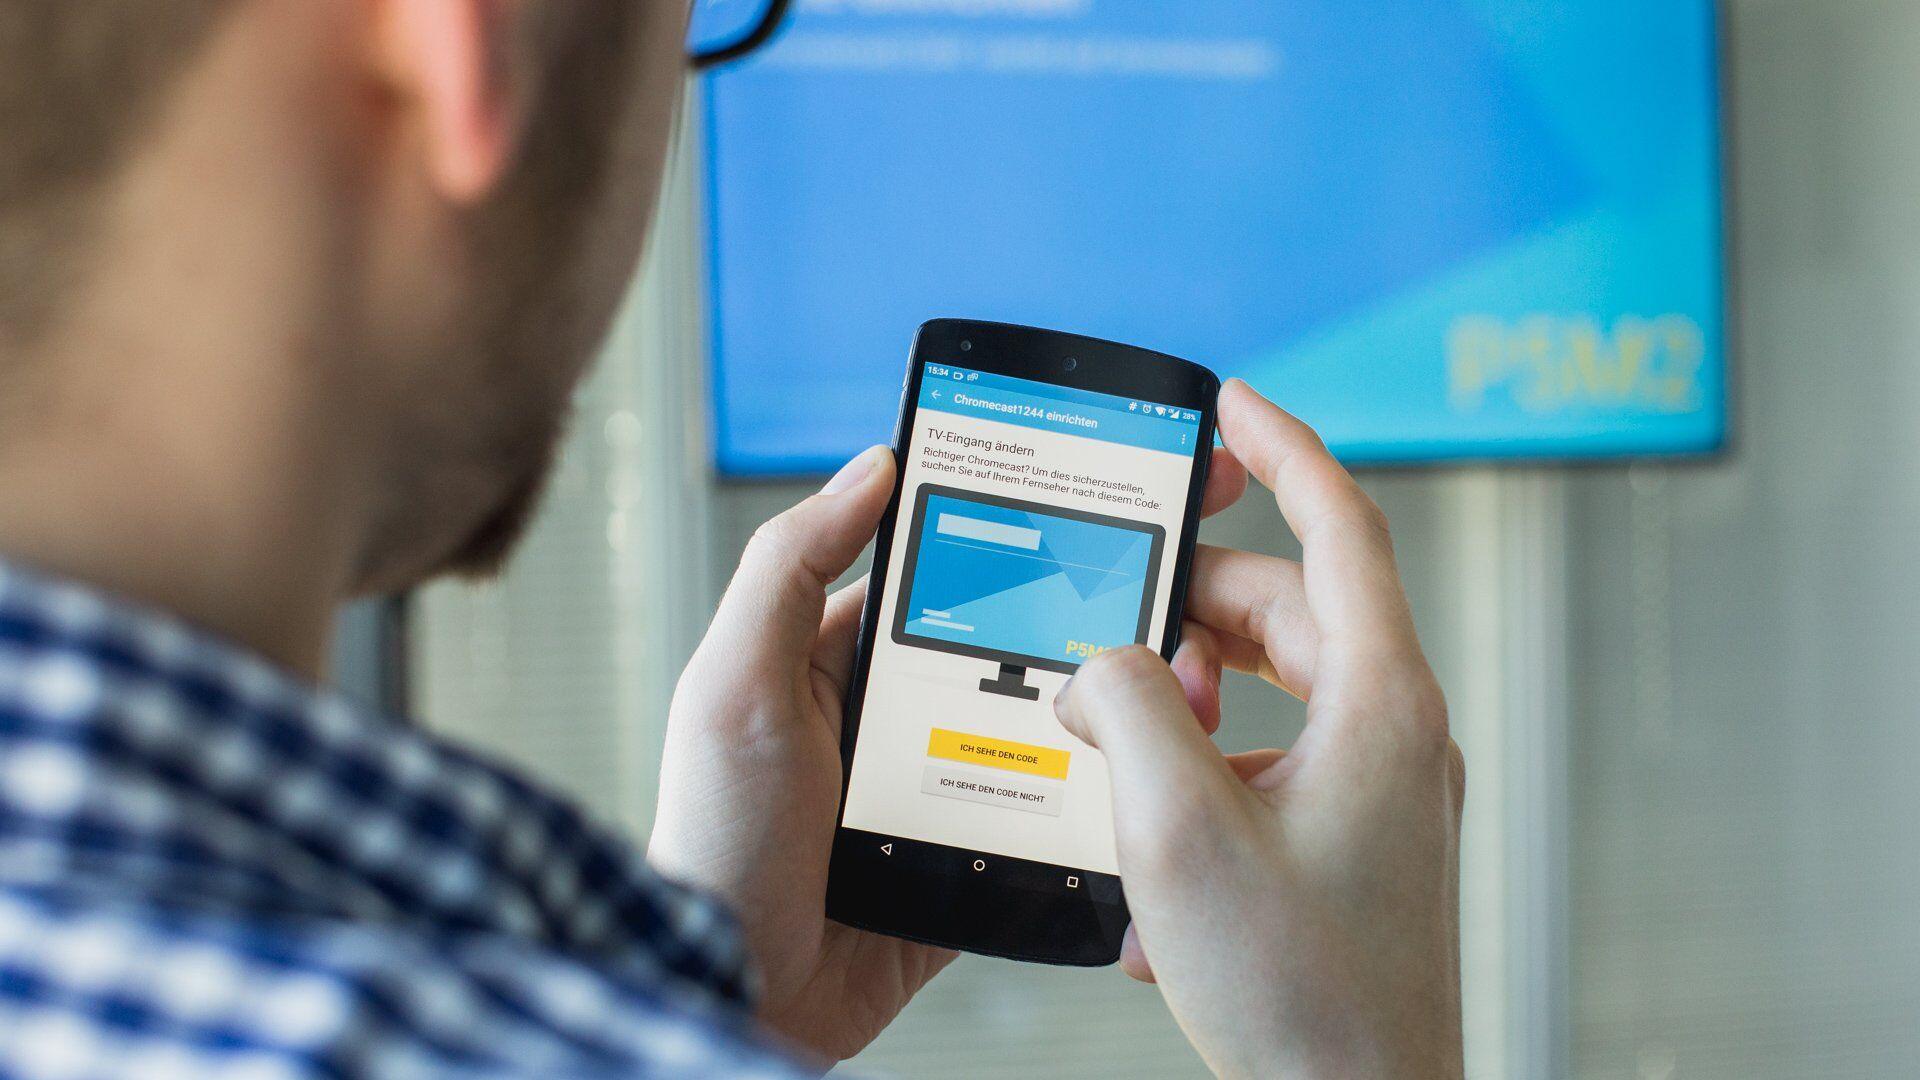 Android Uygulamalar Aracılığıyla Telefondan Televizyona Bağlanma